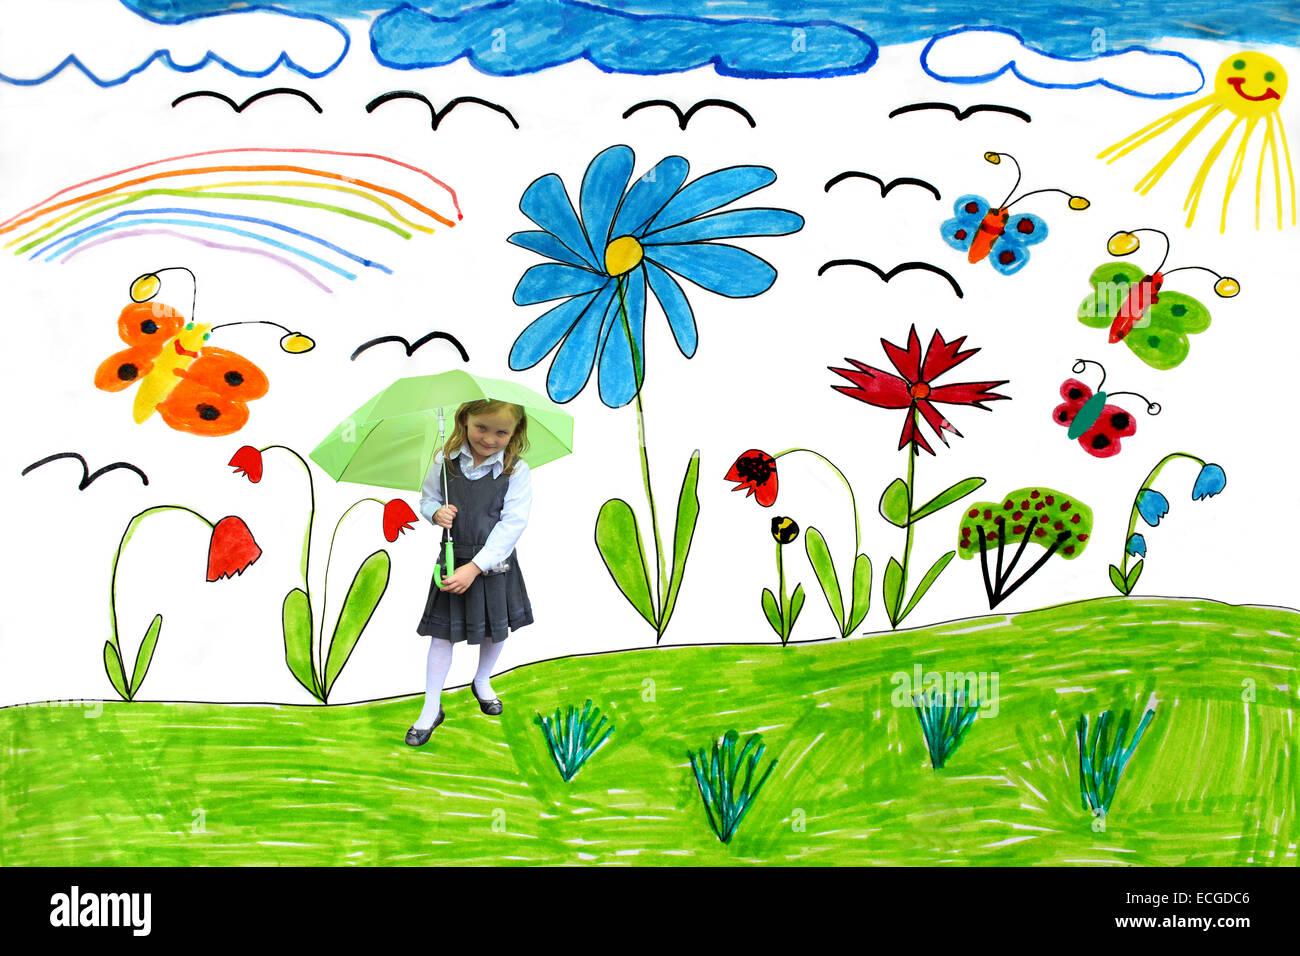 Dibujo Infantil Multicolor Con Mariposas Y Flores Y Nina Jugando Con